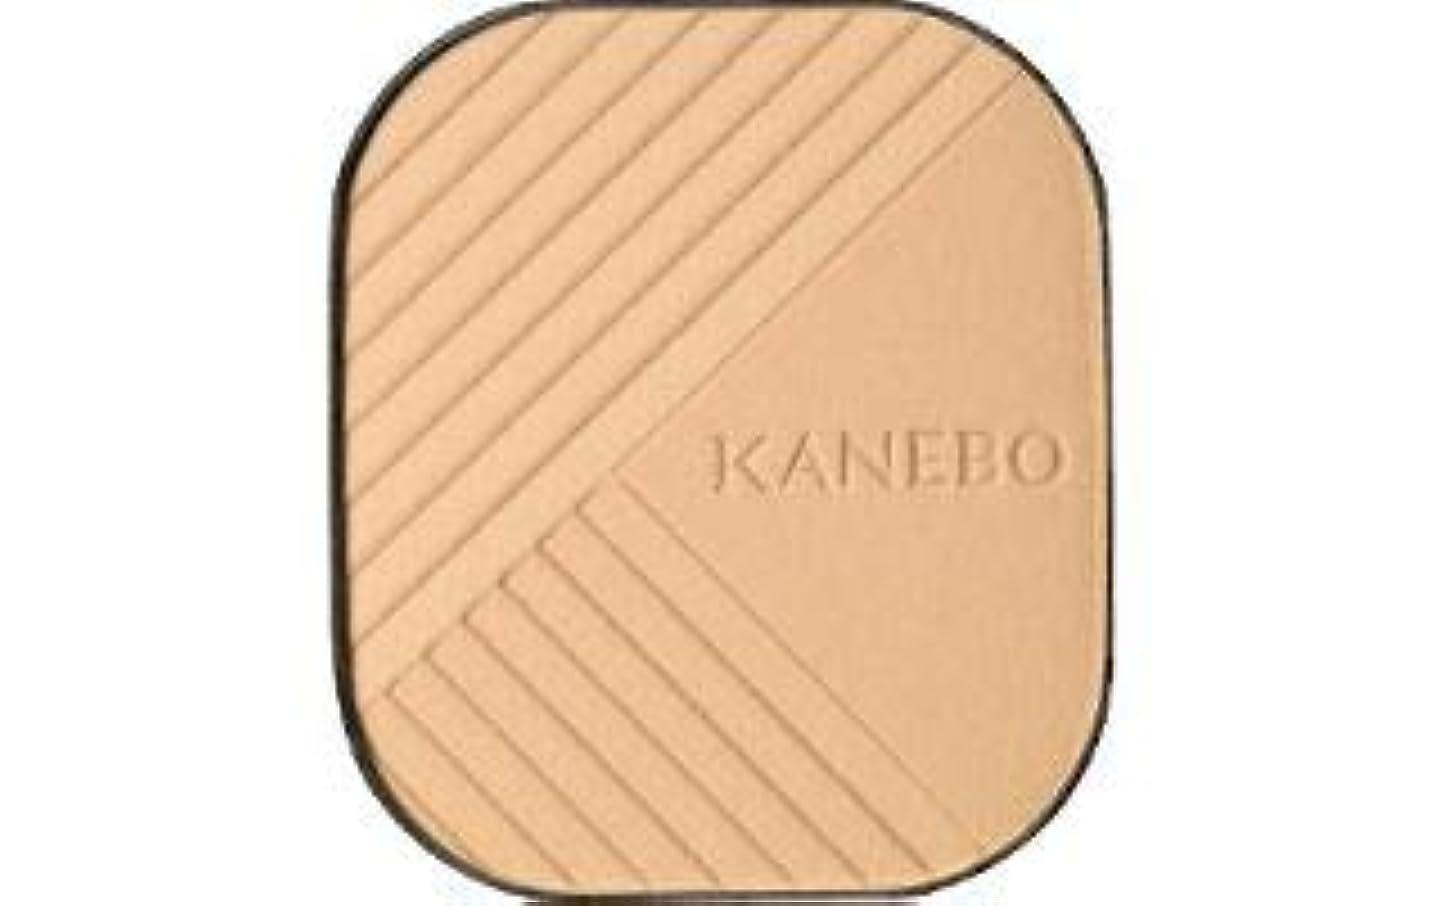 木製コモランマオーケストラKANEBO カネボウ ラスターパウダーファンデーション レフィル ベージュC/BE C 9g [並行輸入品]